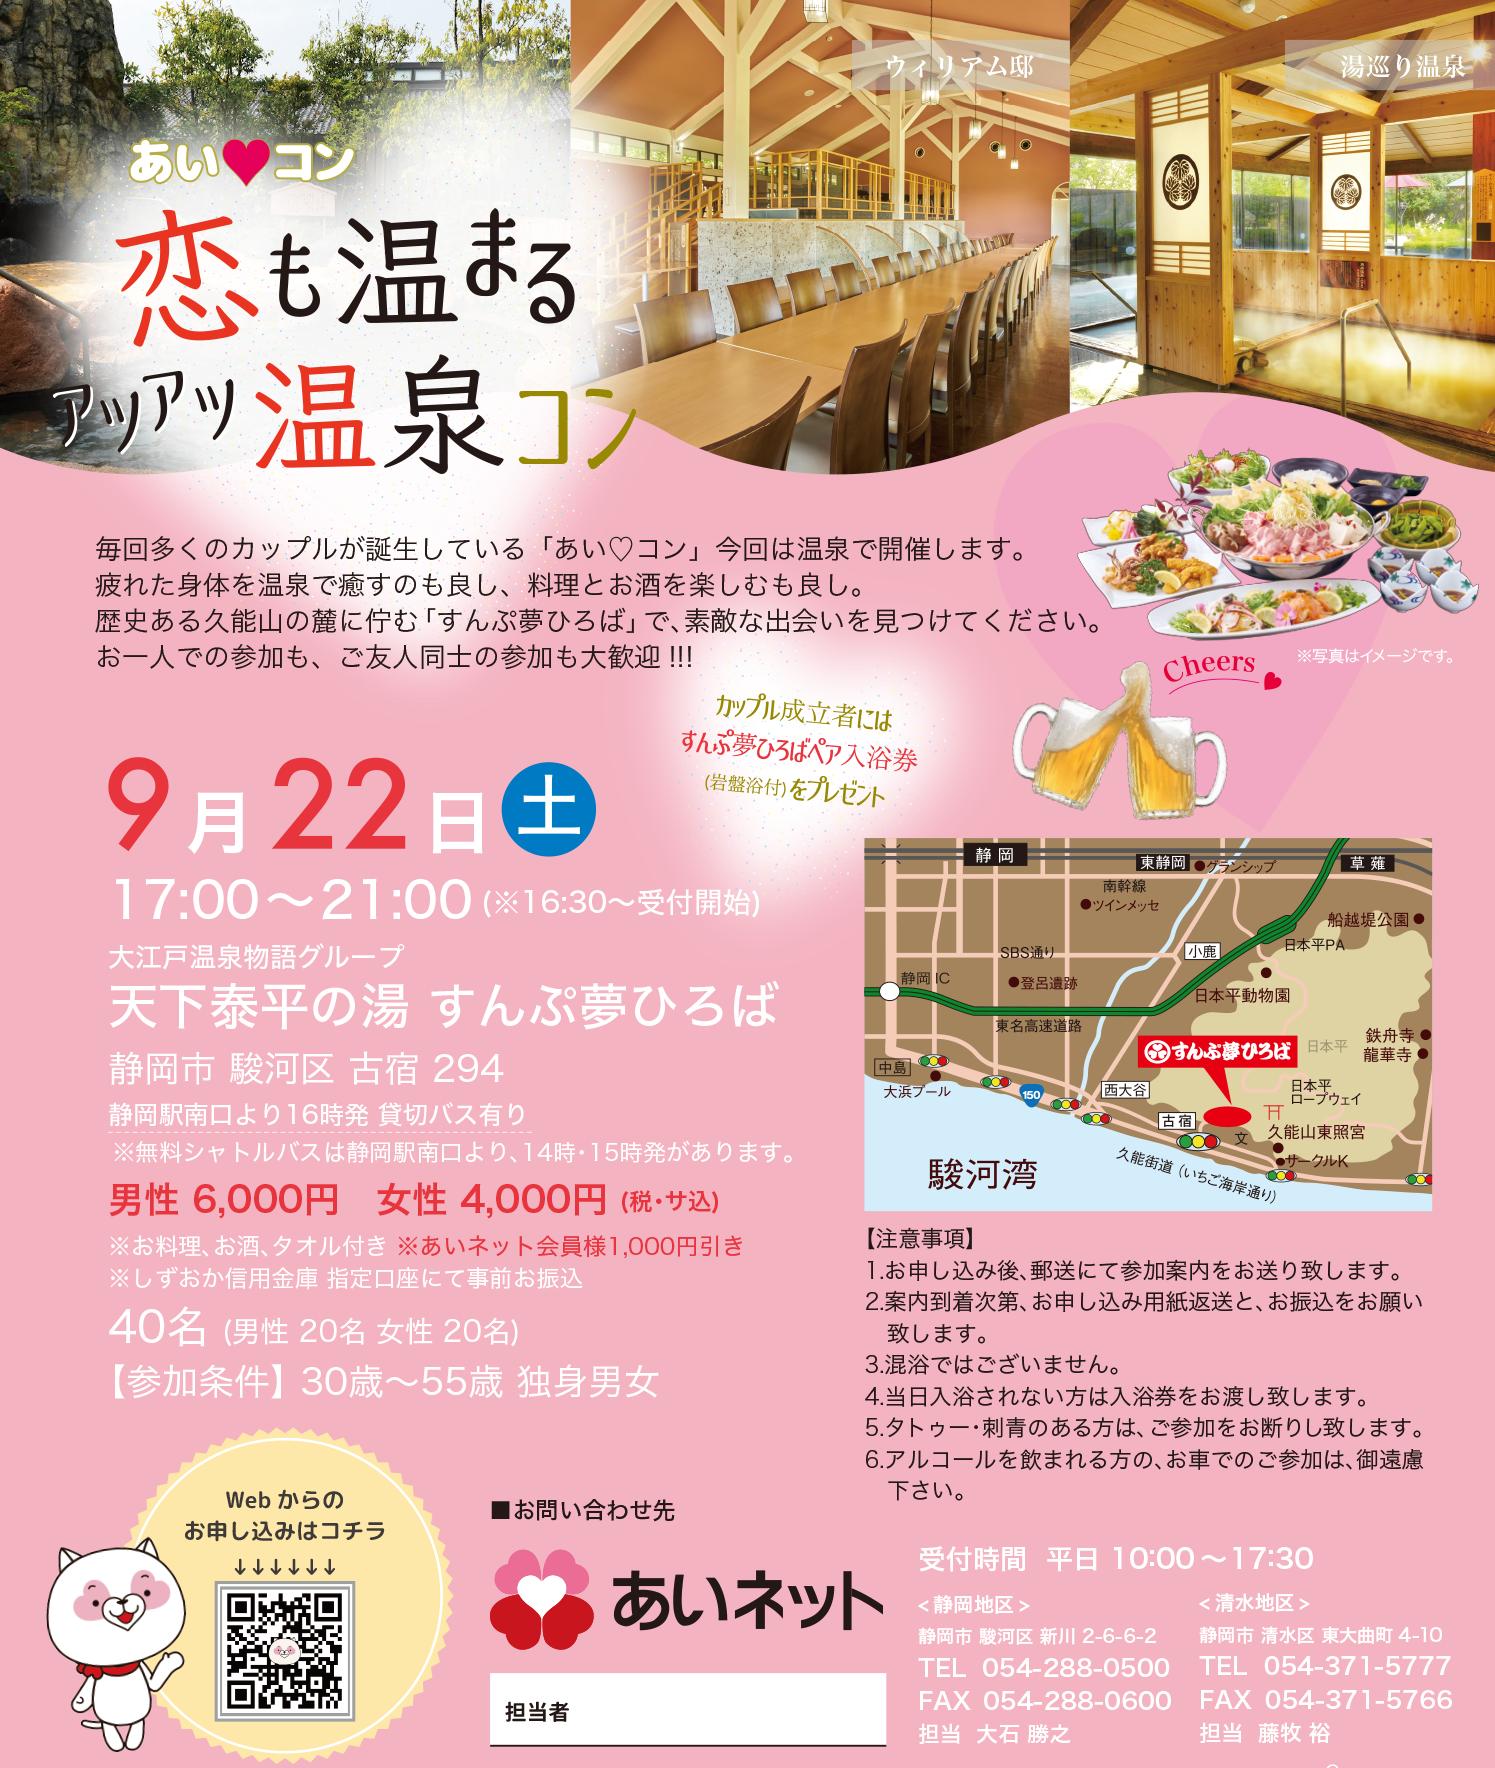 ◆9月「あい♡コン」恋も温まるアツアツ温泉コン 受付終了!